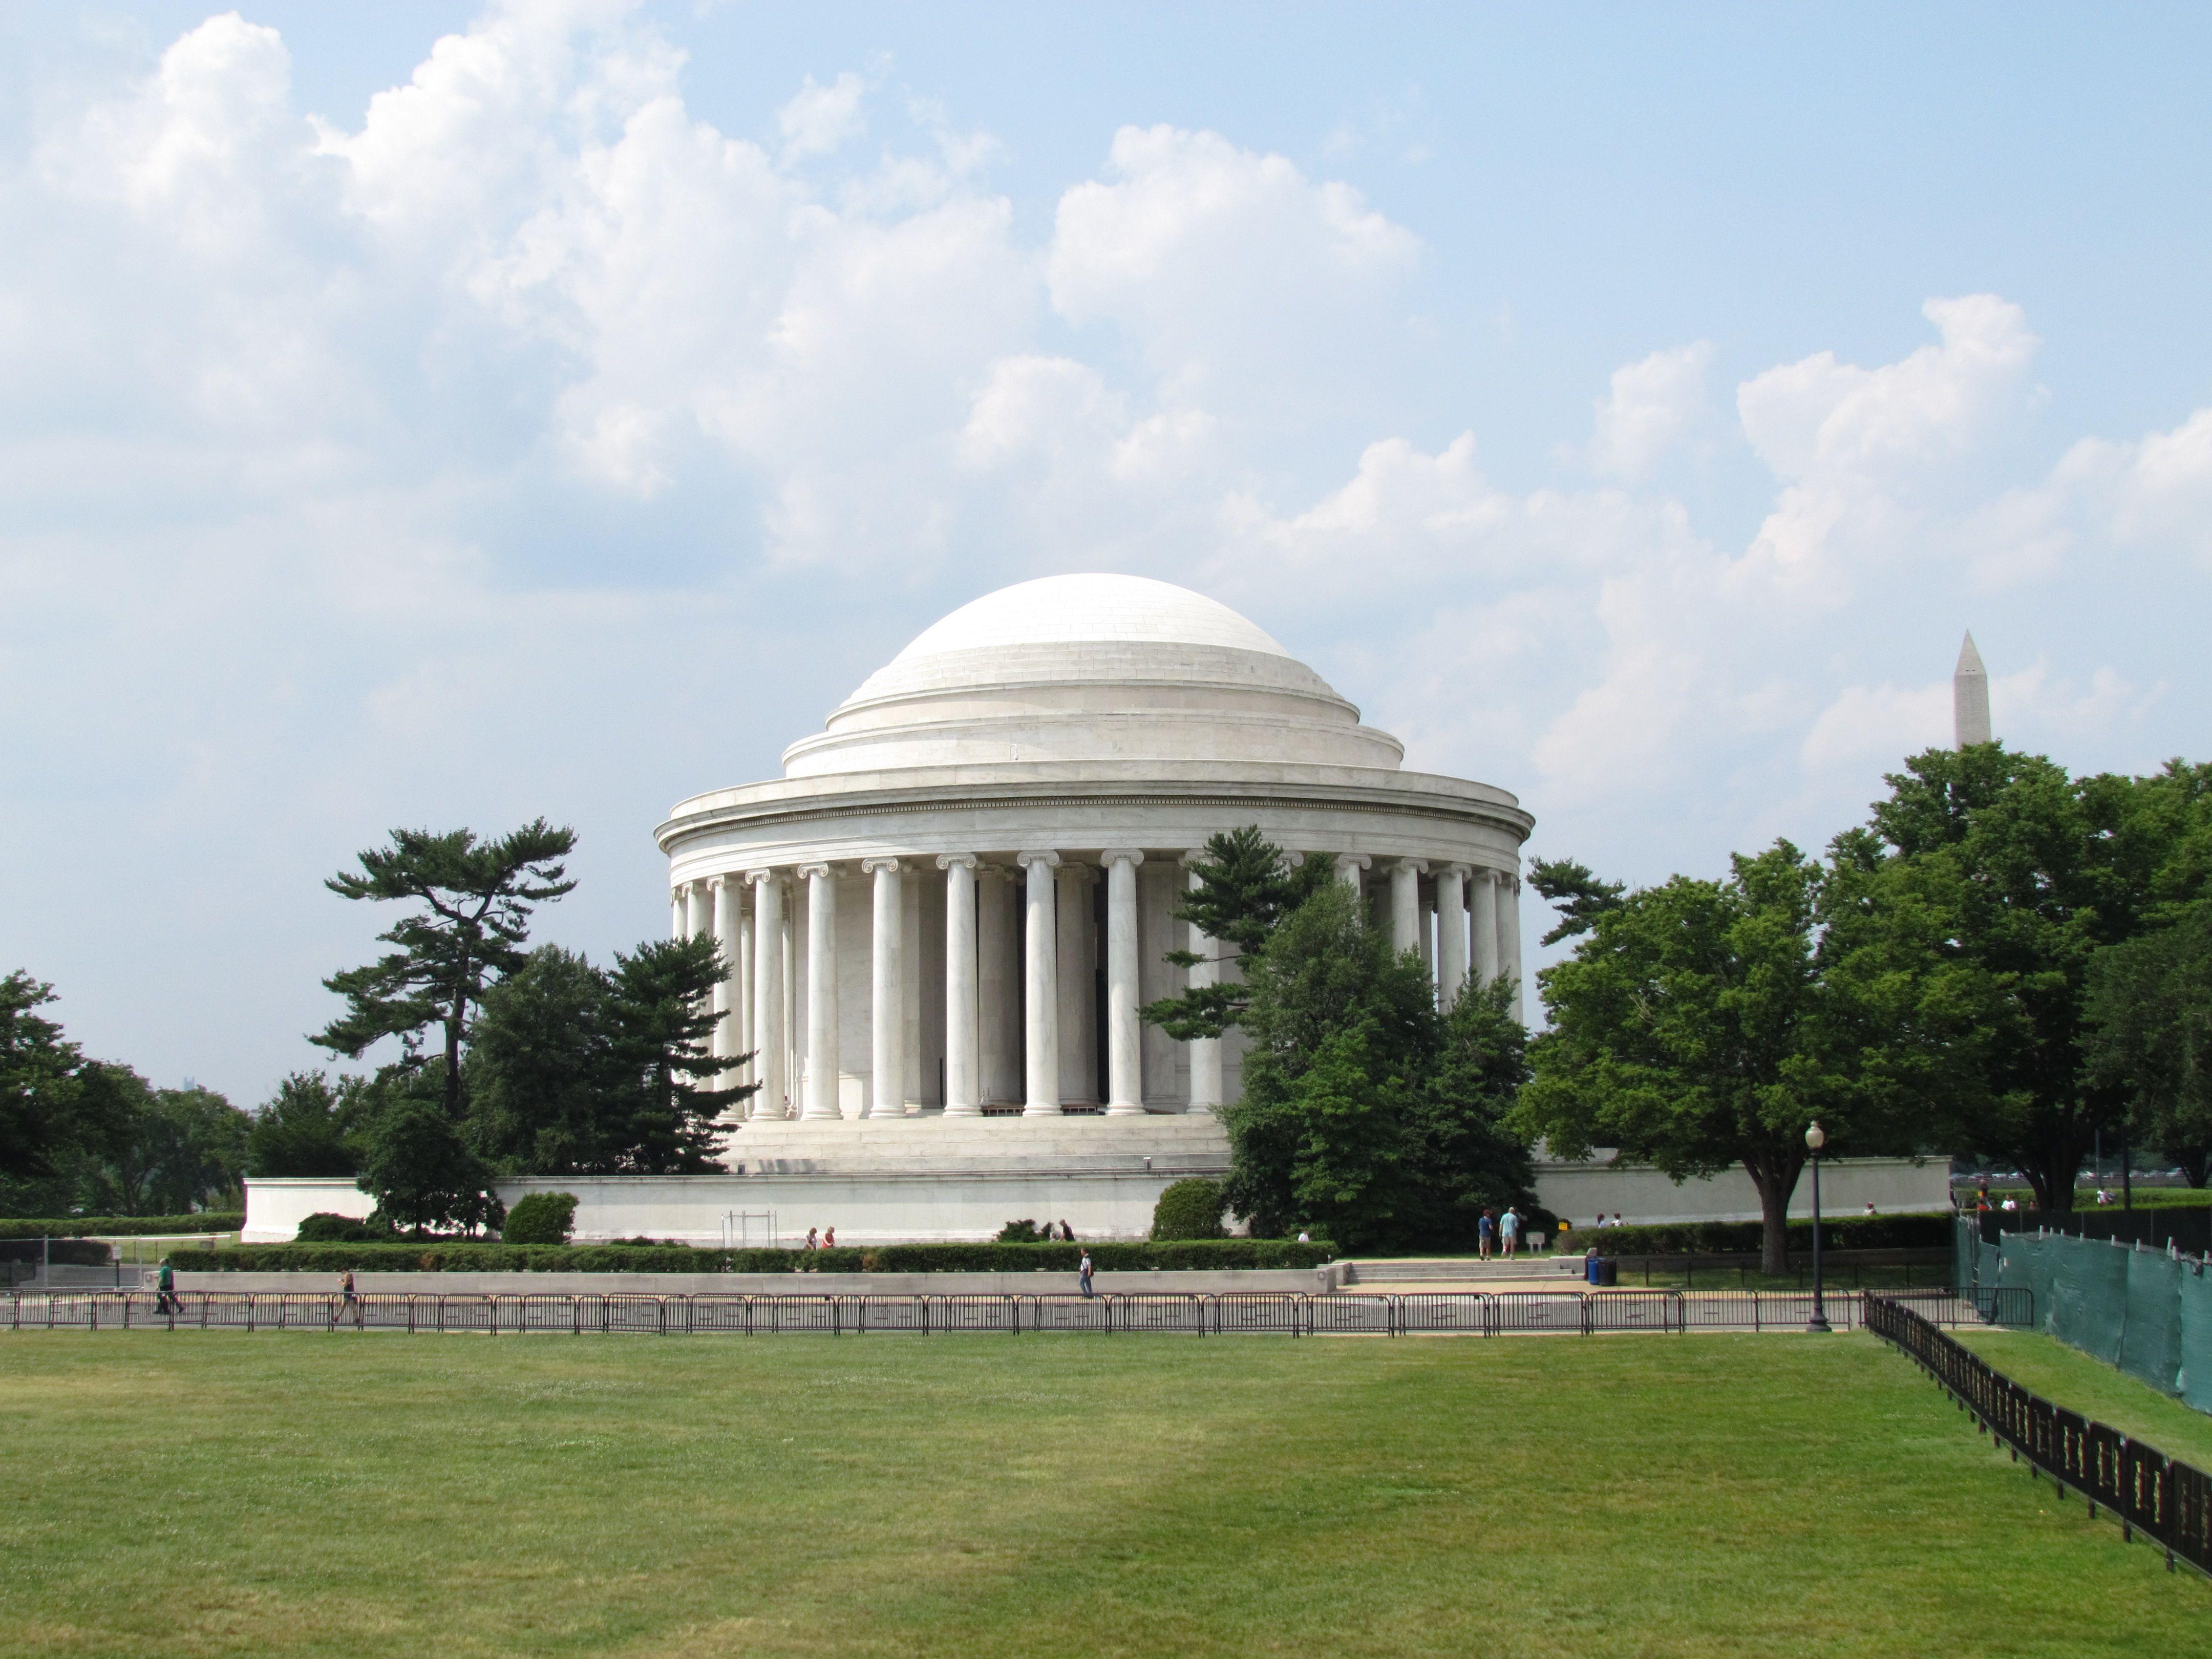 Monumento a Jefferson. Dedicado a la memoria de Thomas Jefferson, uno de los Padres Fundadores de la nación y tercer presidente.